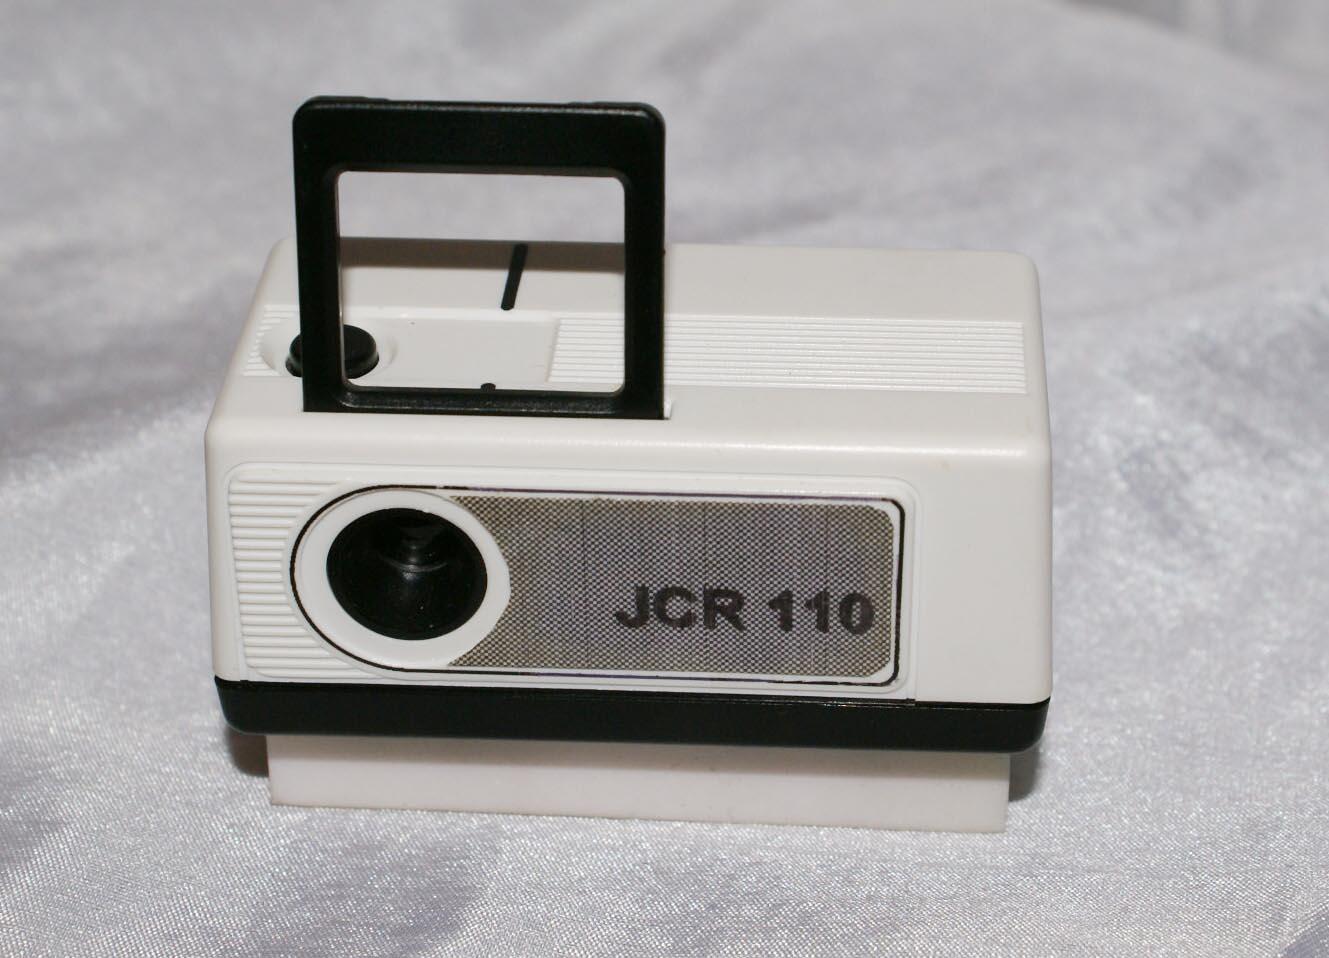 un appareil très bon marché, il suffisait d'encliquer le chargeur 110 derrière le boîtier